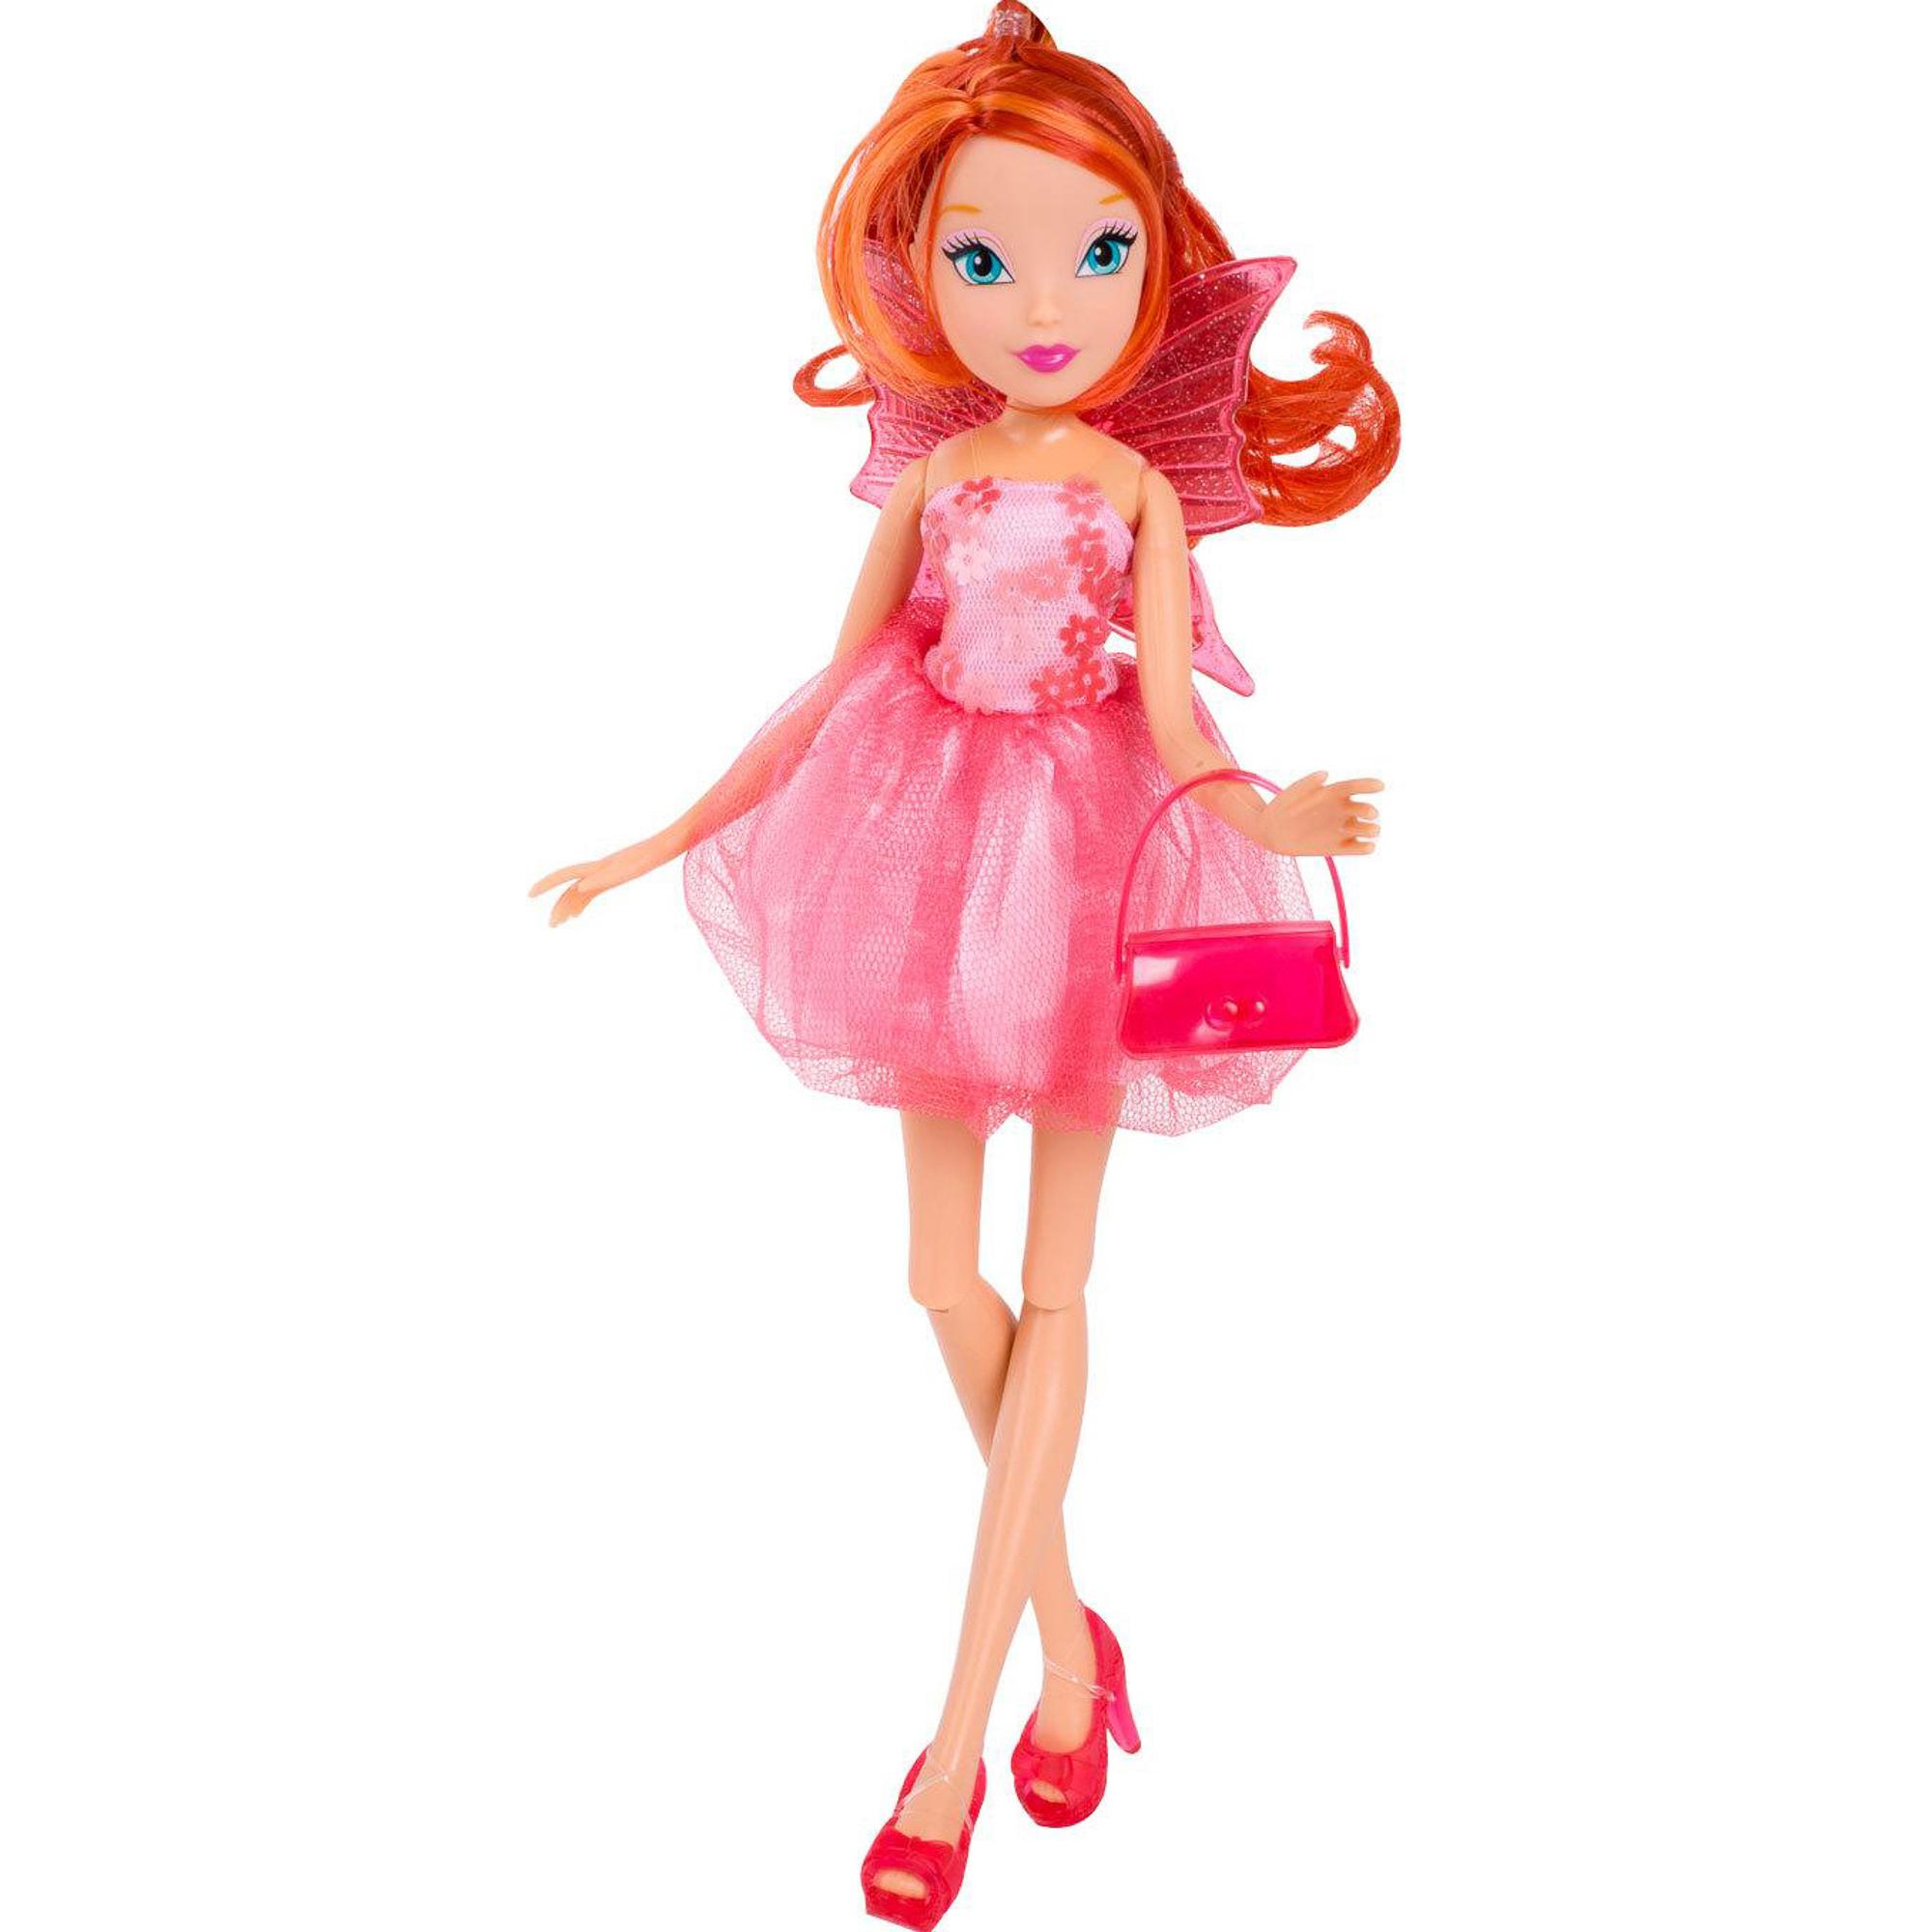 Кукла Winx Club Бон Бон Блум 28 см фото